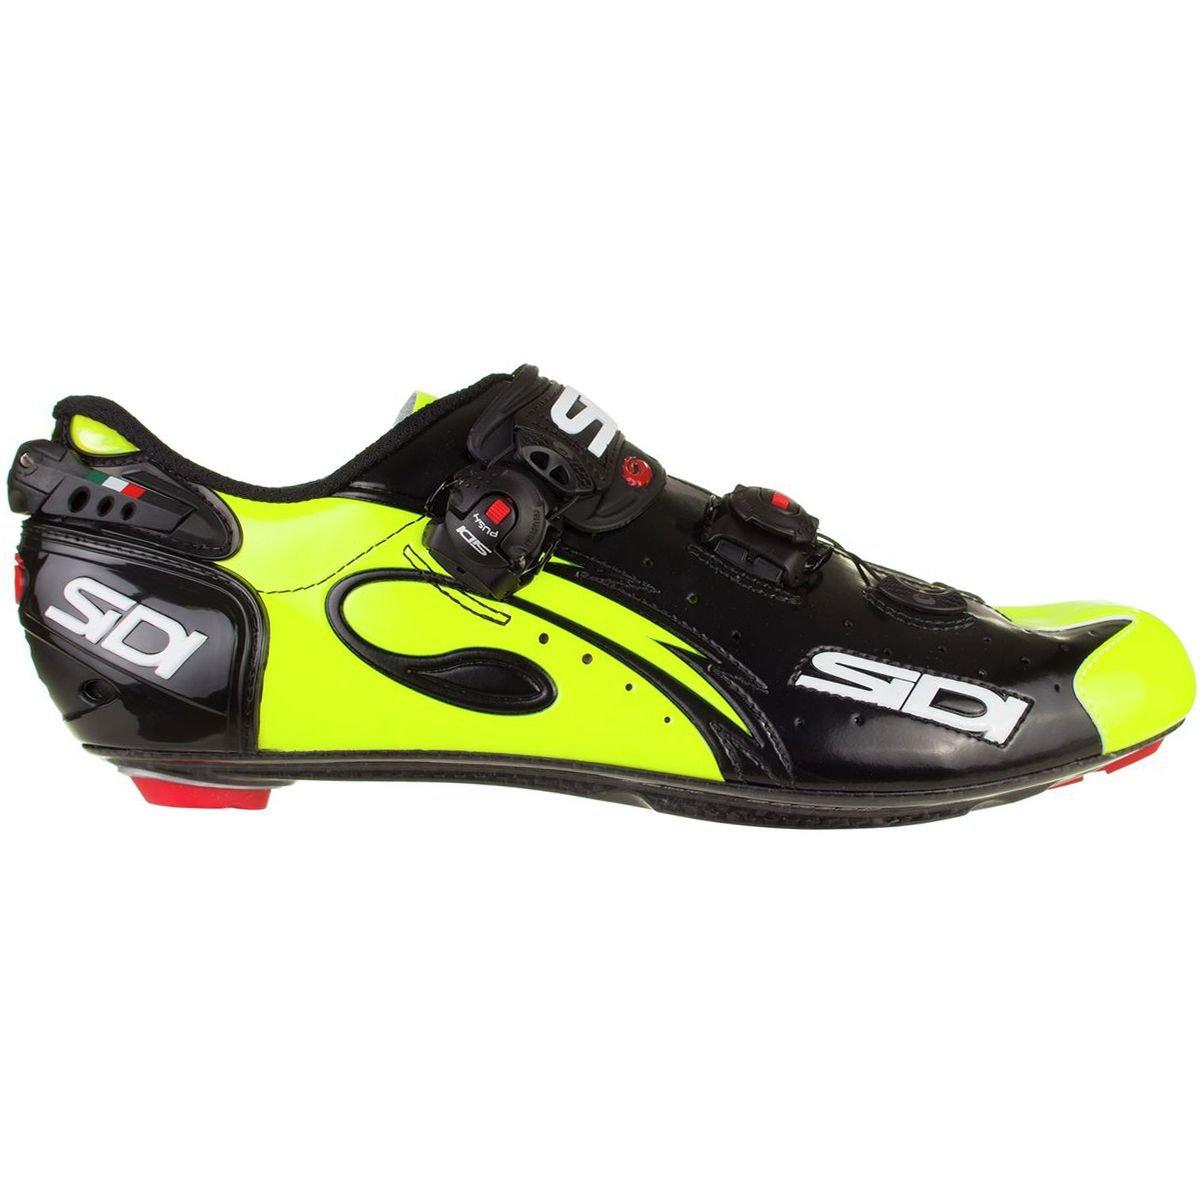 (シディ) Sidi Wire Push Cycling Shoe メンズ ロードバイクシューズBlack/Flo Yellow [並行輸入品] B07J28BBQ1  Black/Flo Yellow 日本サイズ 26cm (40.5)